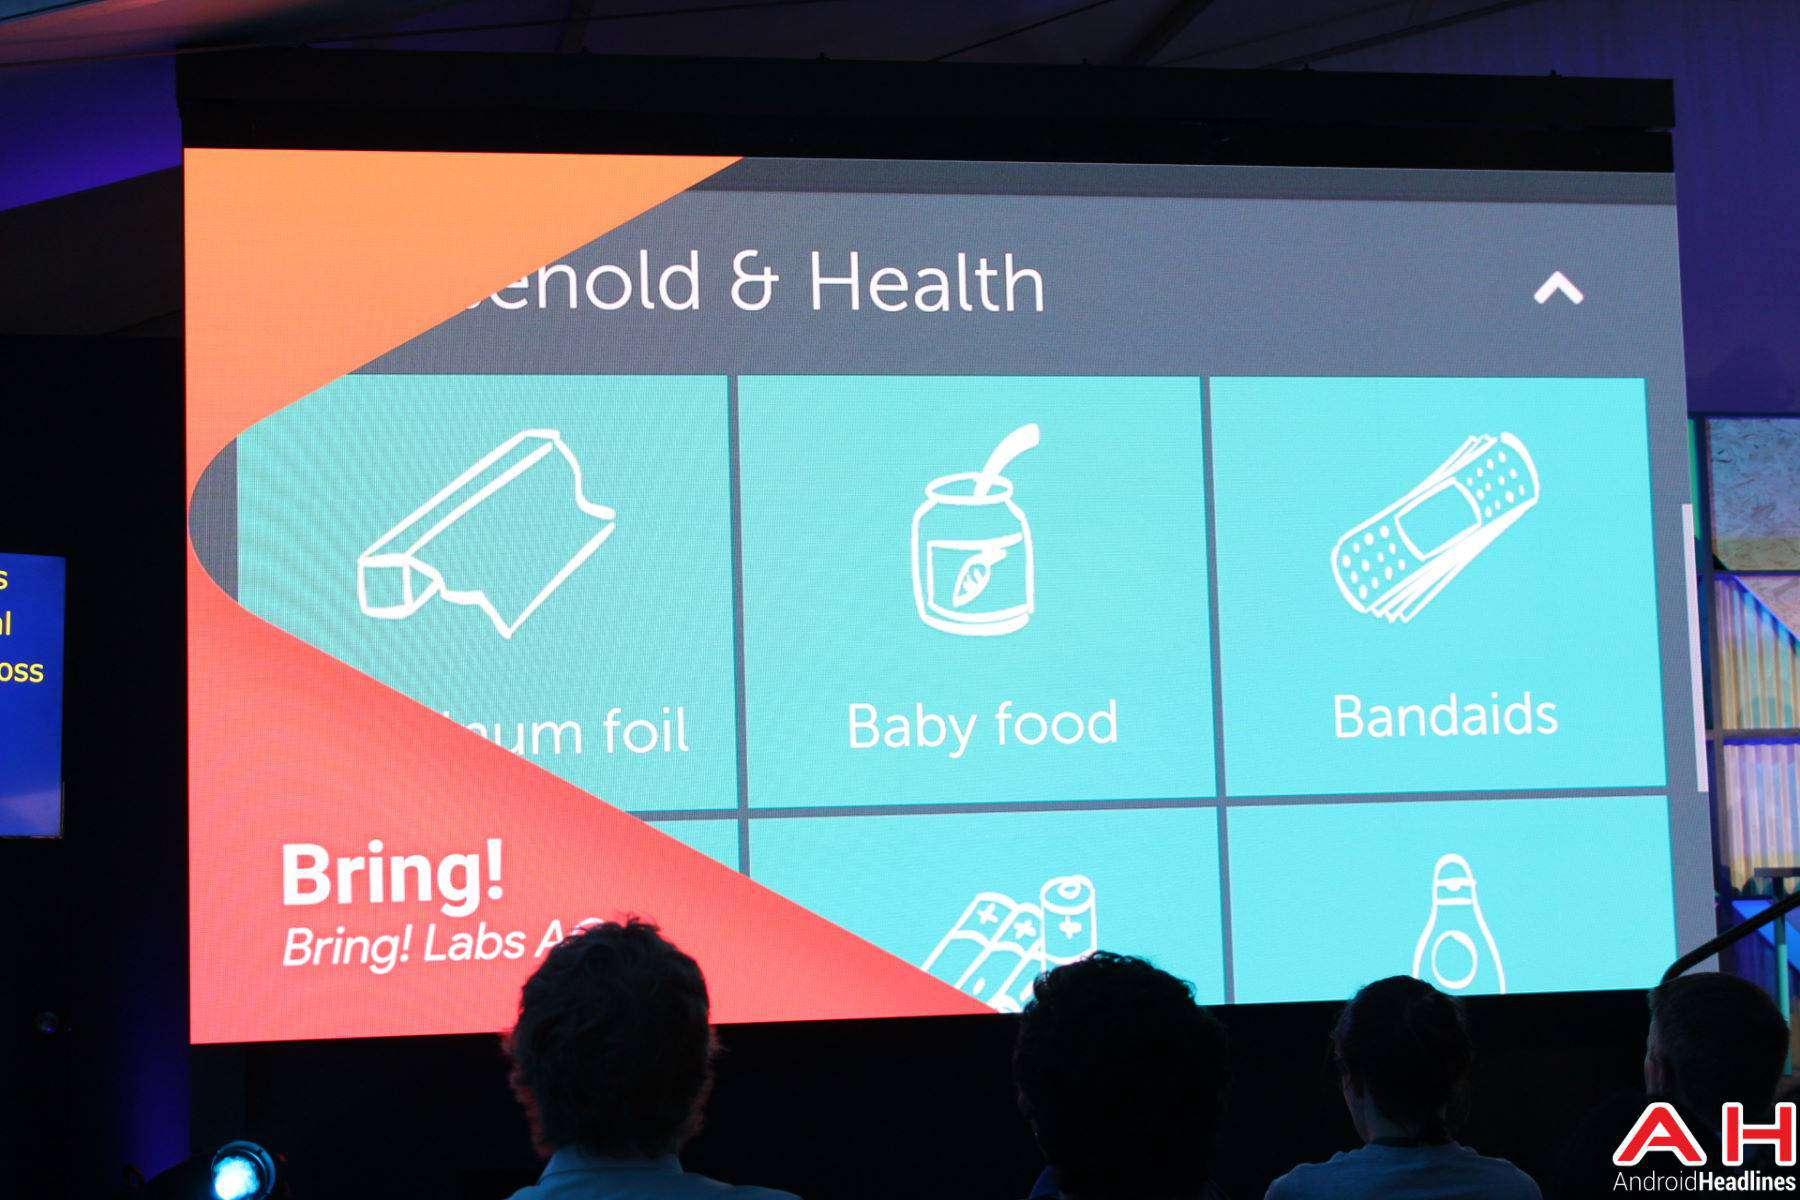 Google Play Awards Material Design 2